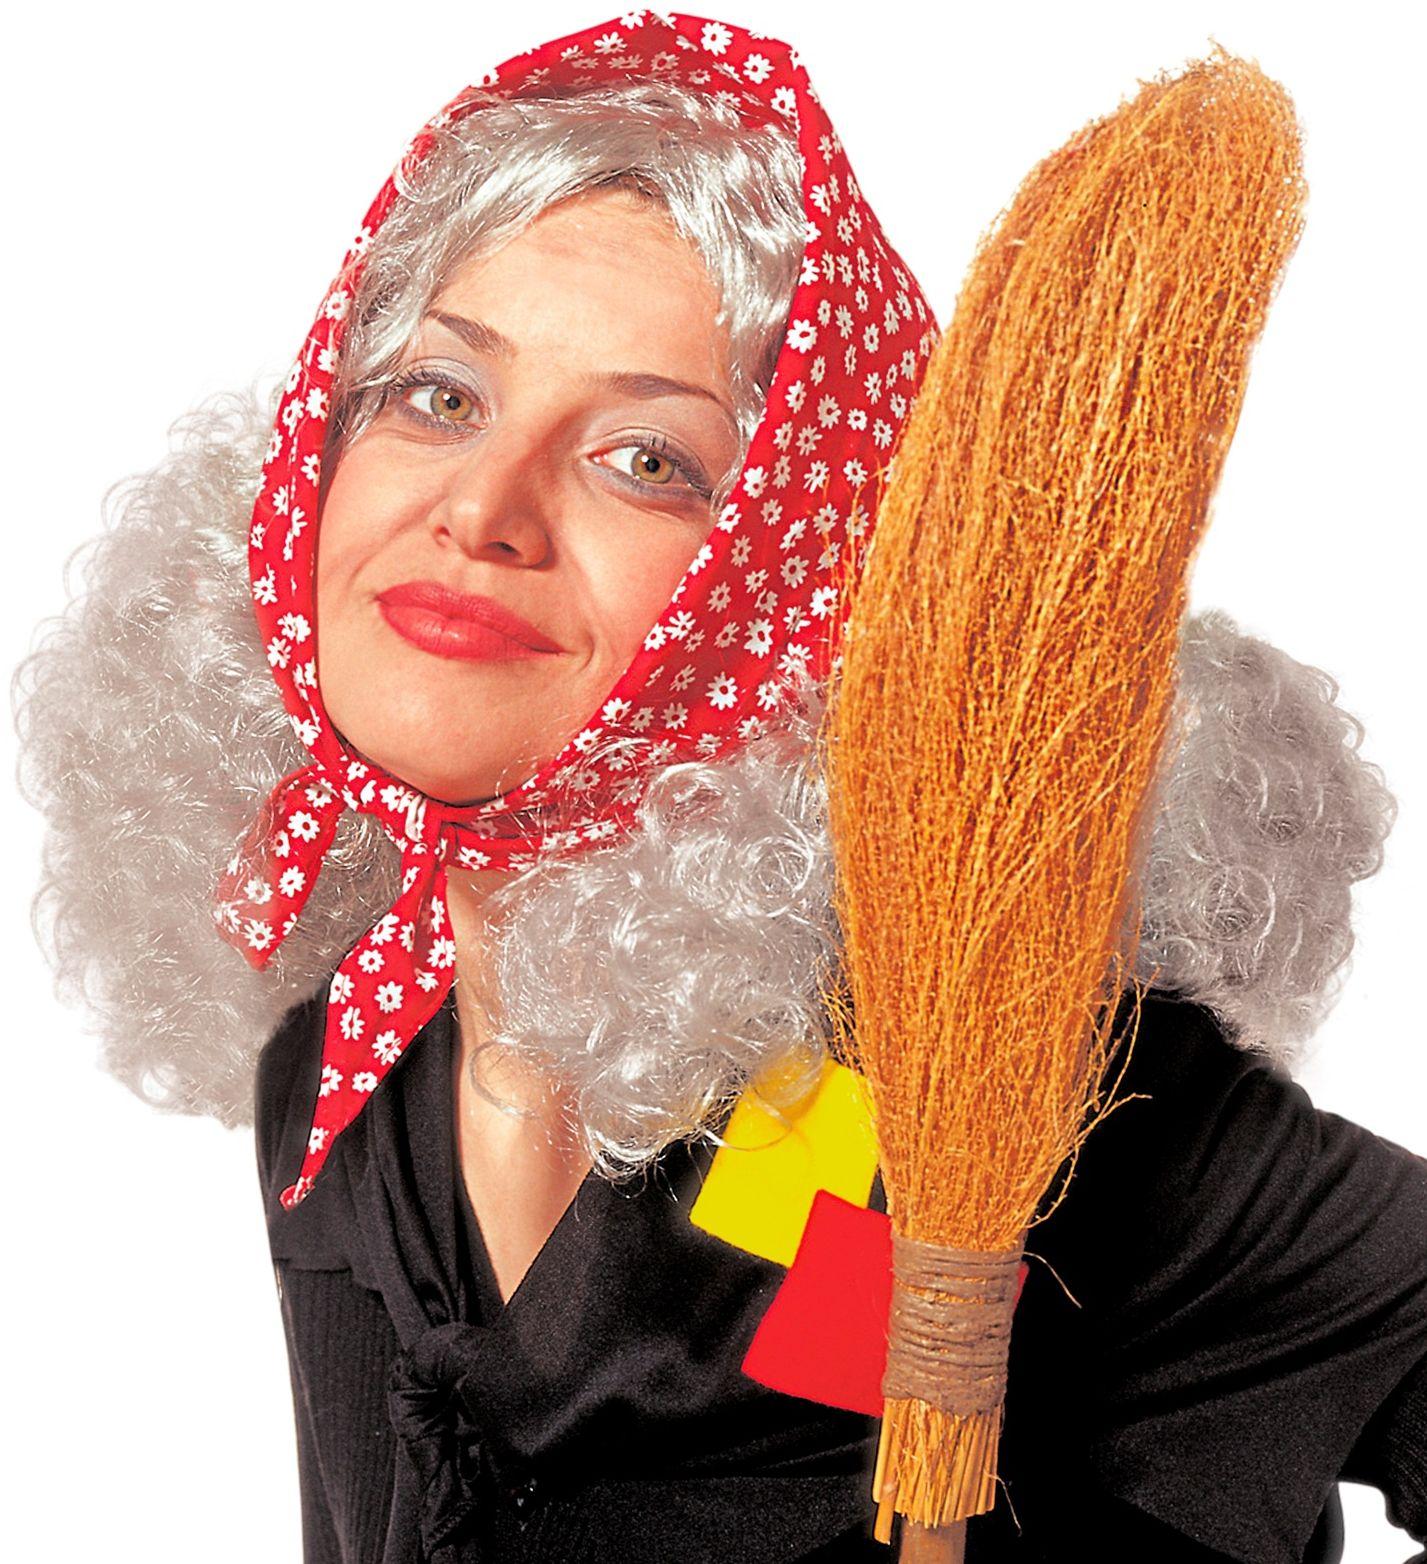 Heksen pruik met hoofddoek